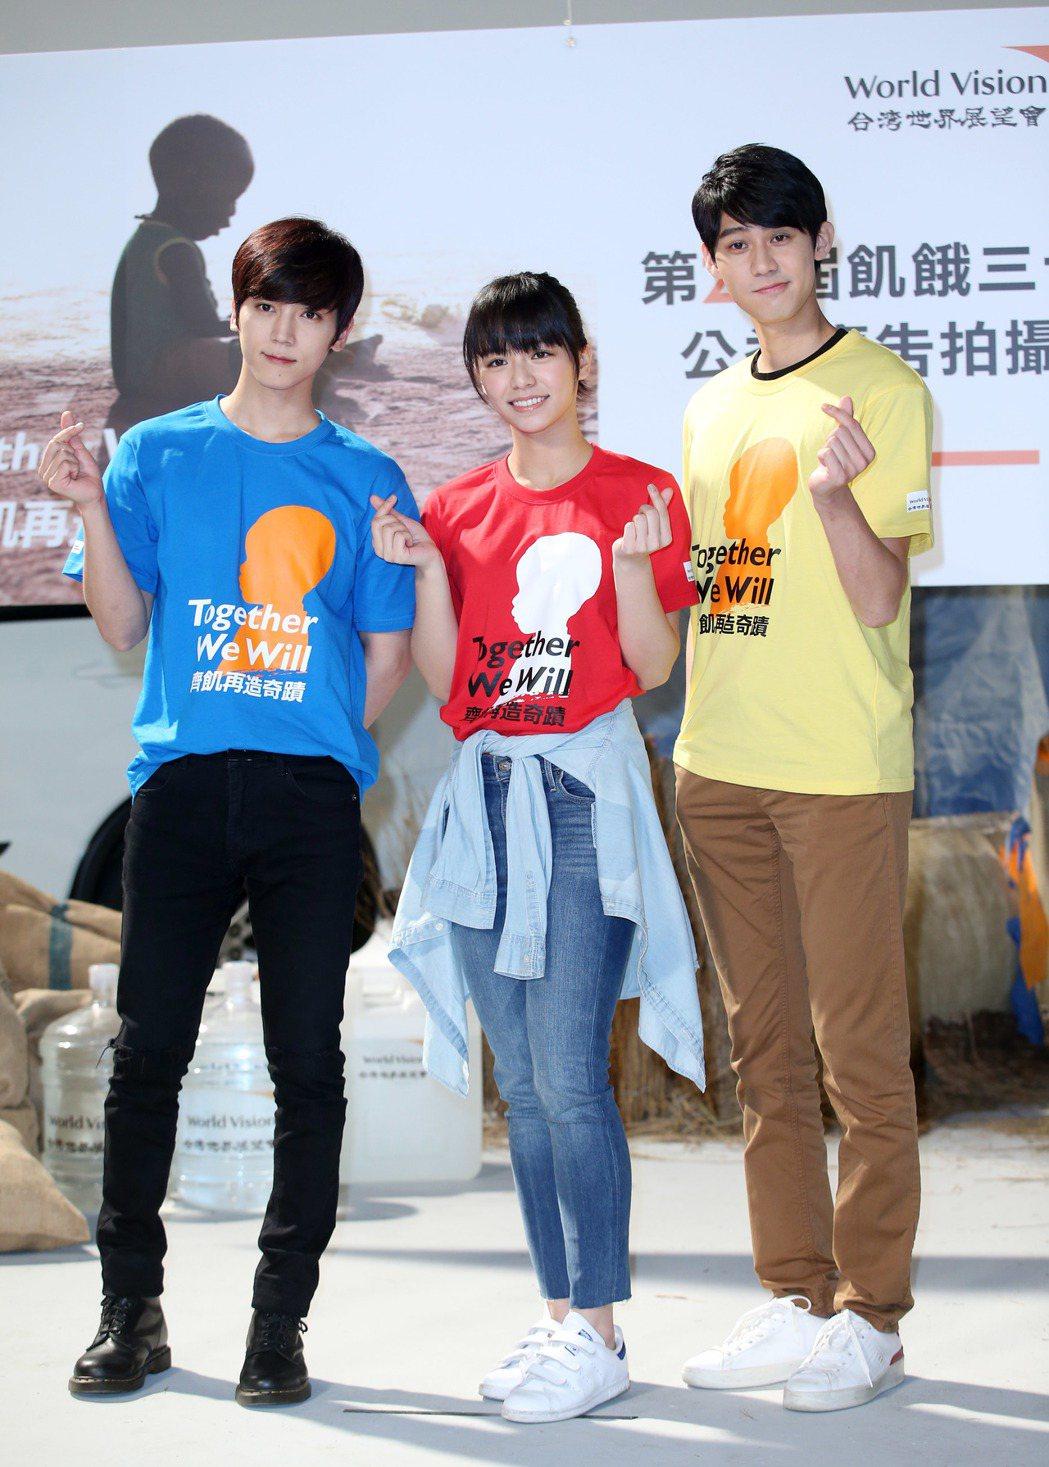 畢書盡(左起)、宋芸樺、李玉璽擔任飢餓三十代言人並拍攝廣告。記者陳瑞源/攝影